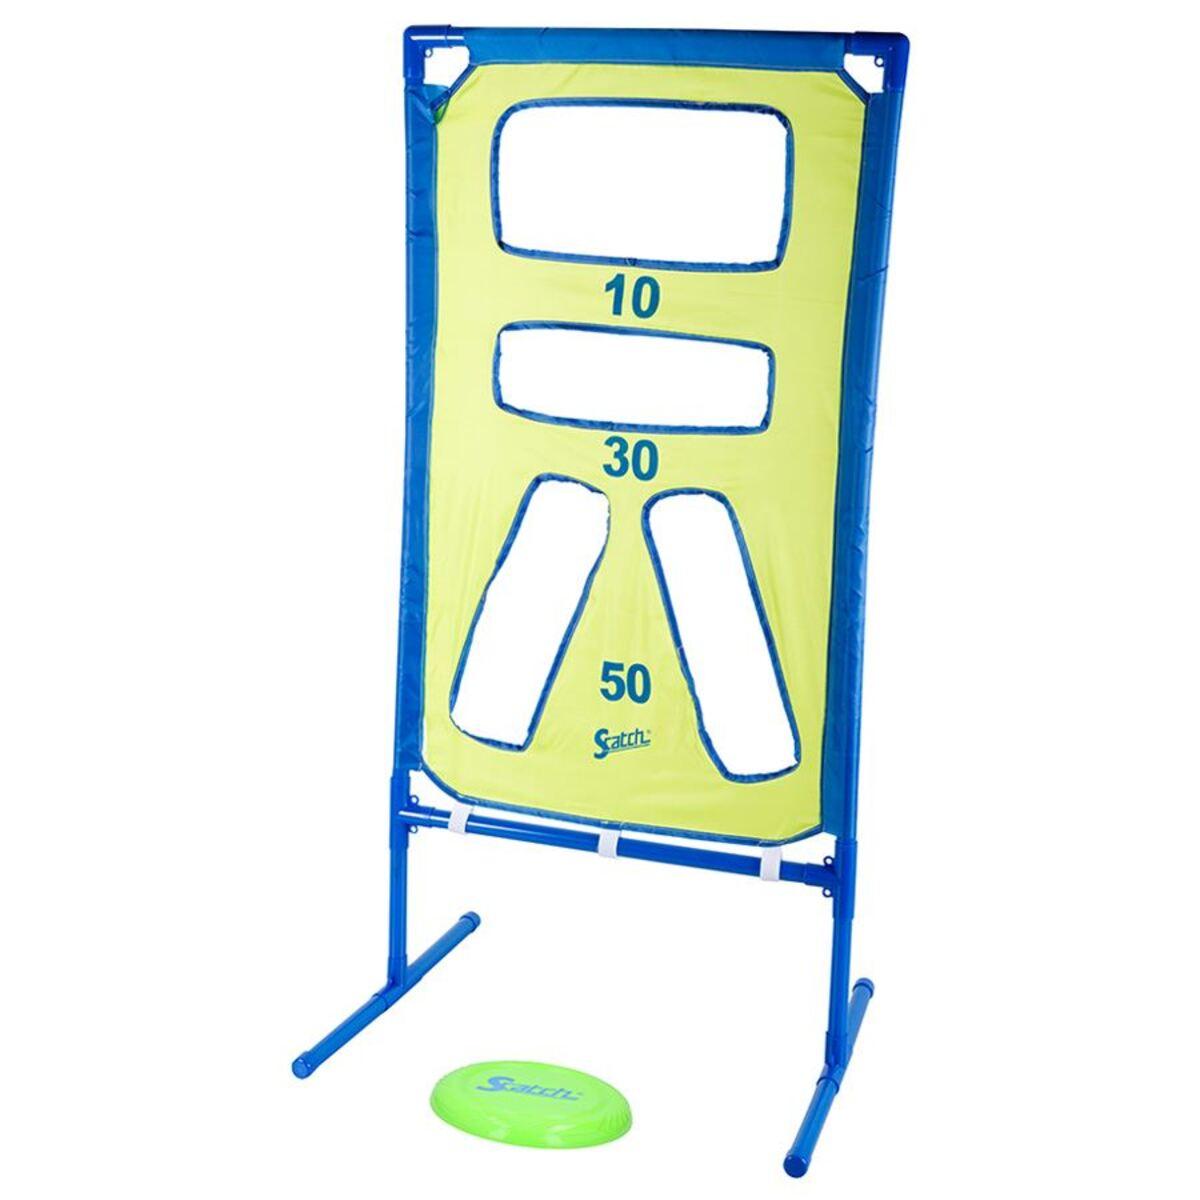 Bild 1 von Scatch Frisbee-Wurfspiel mit Spielwand